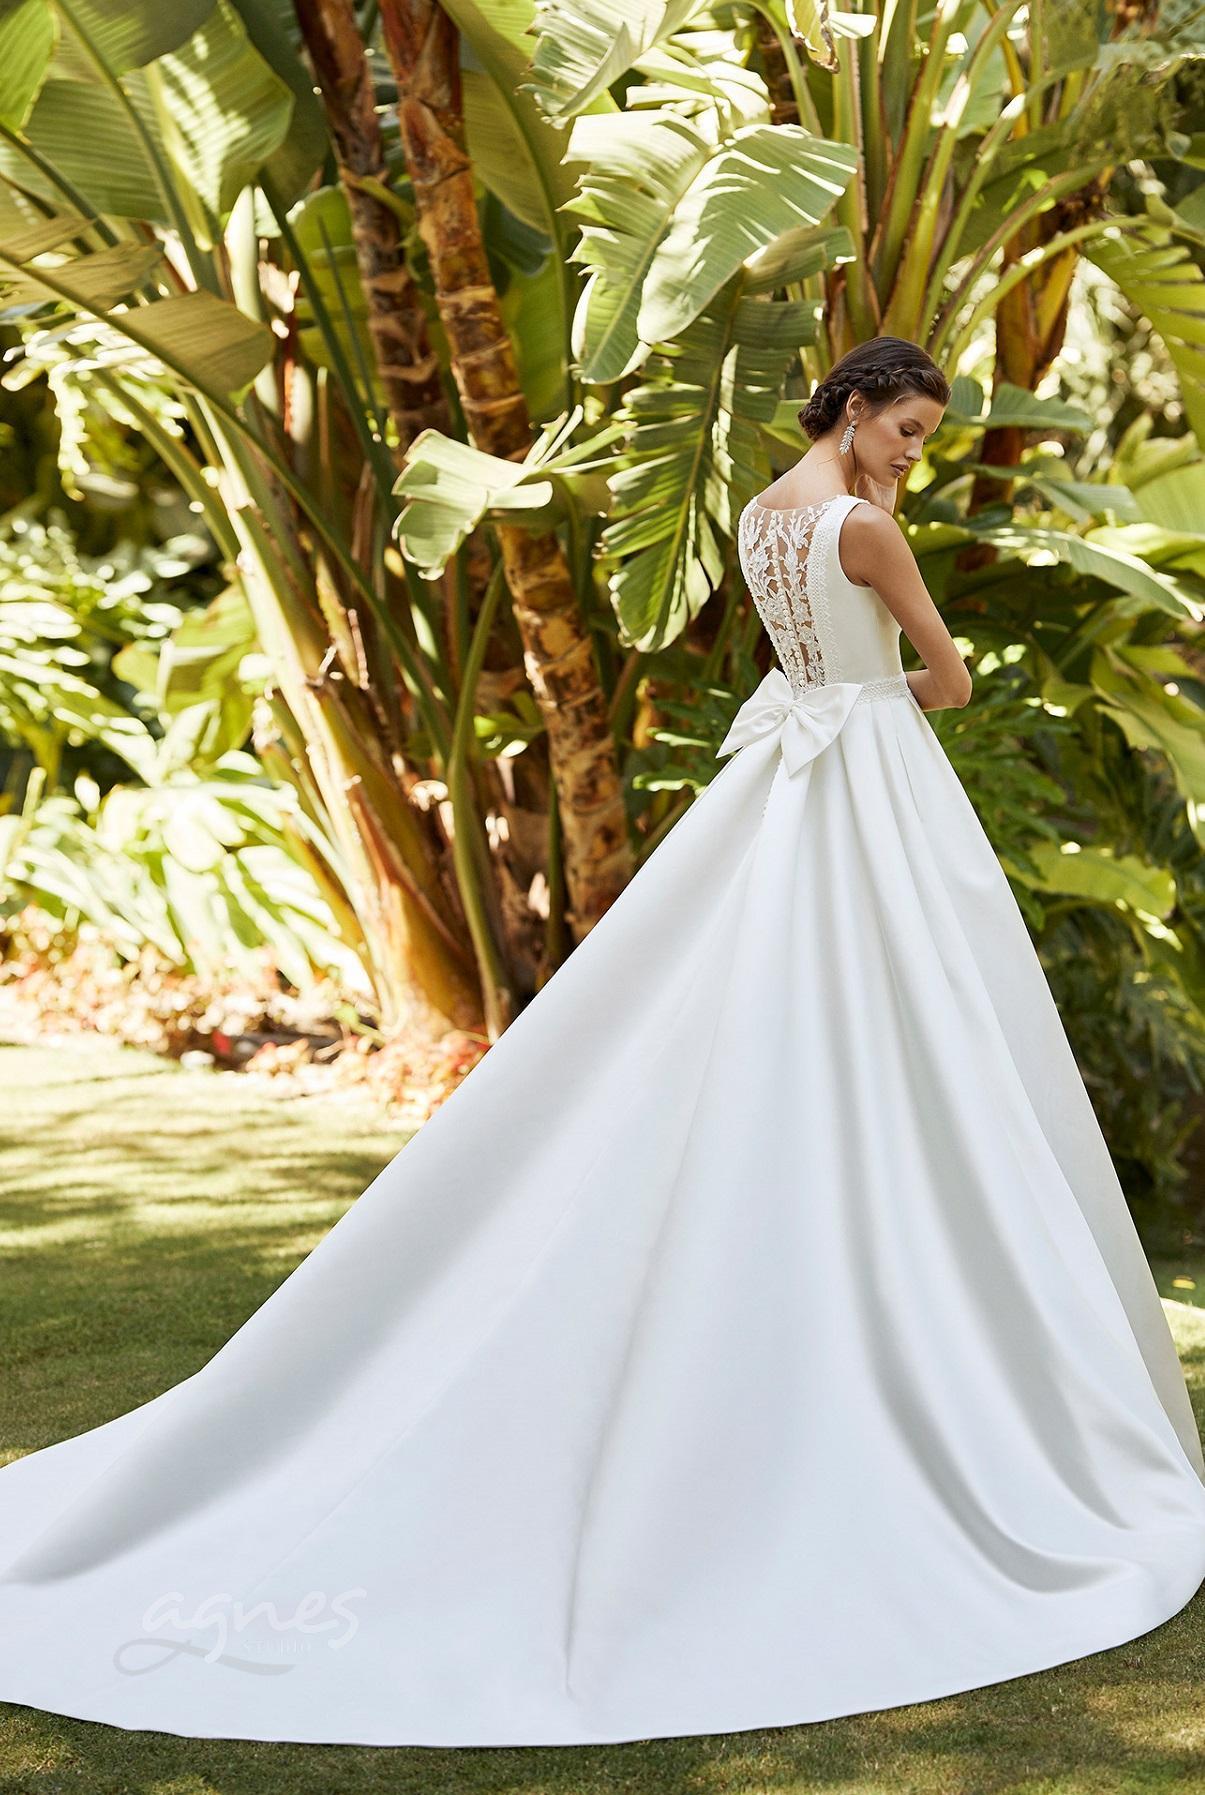 hladké svatební šaty s krajkou ve výstřihu na zádech